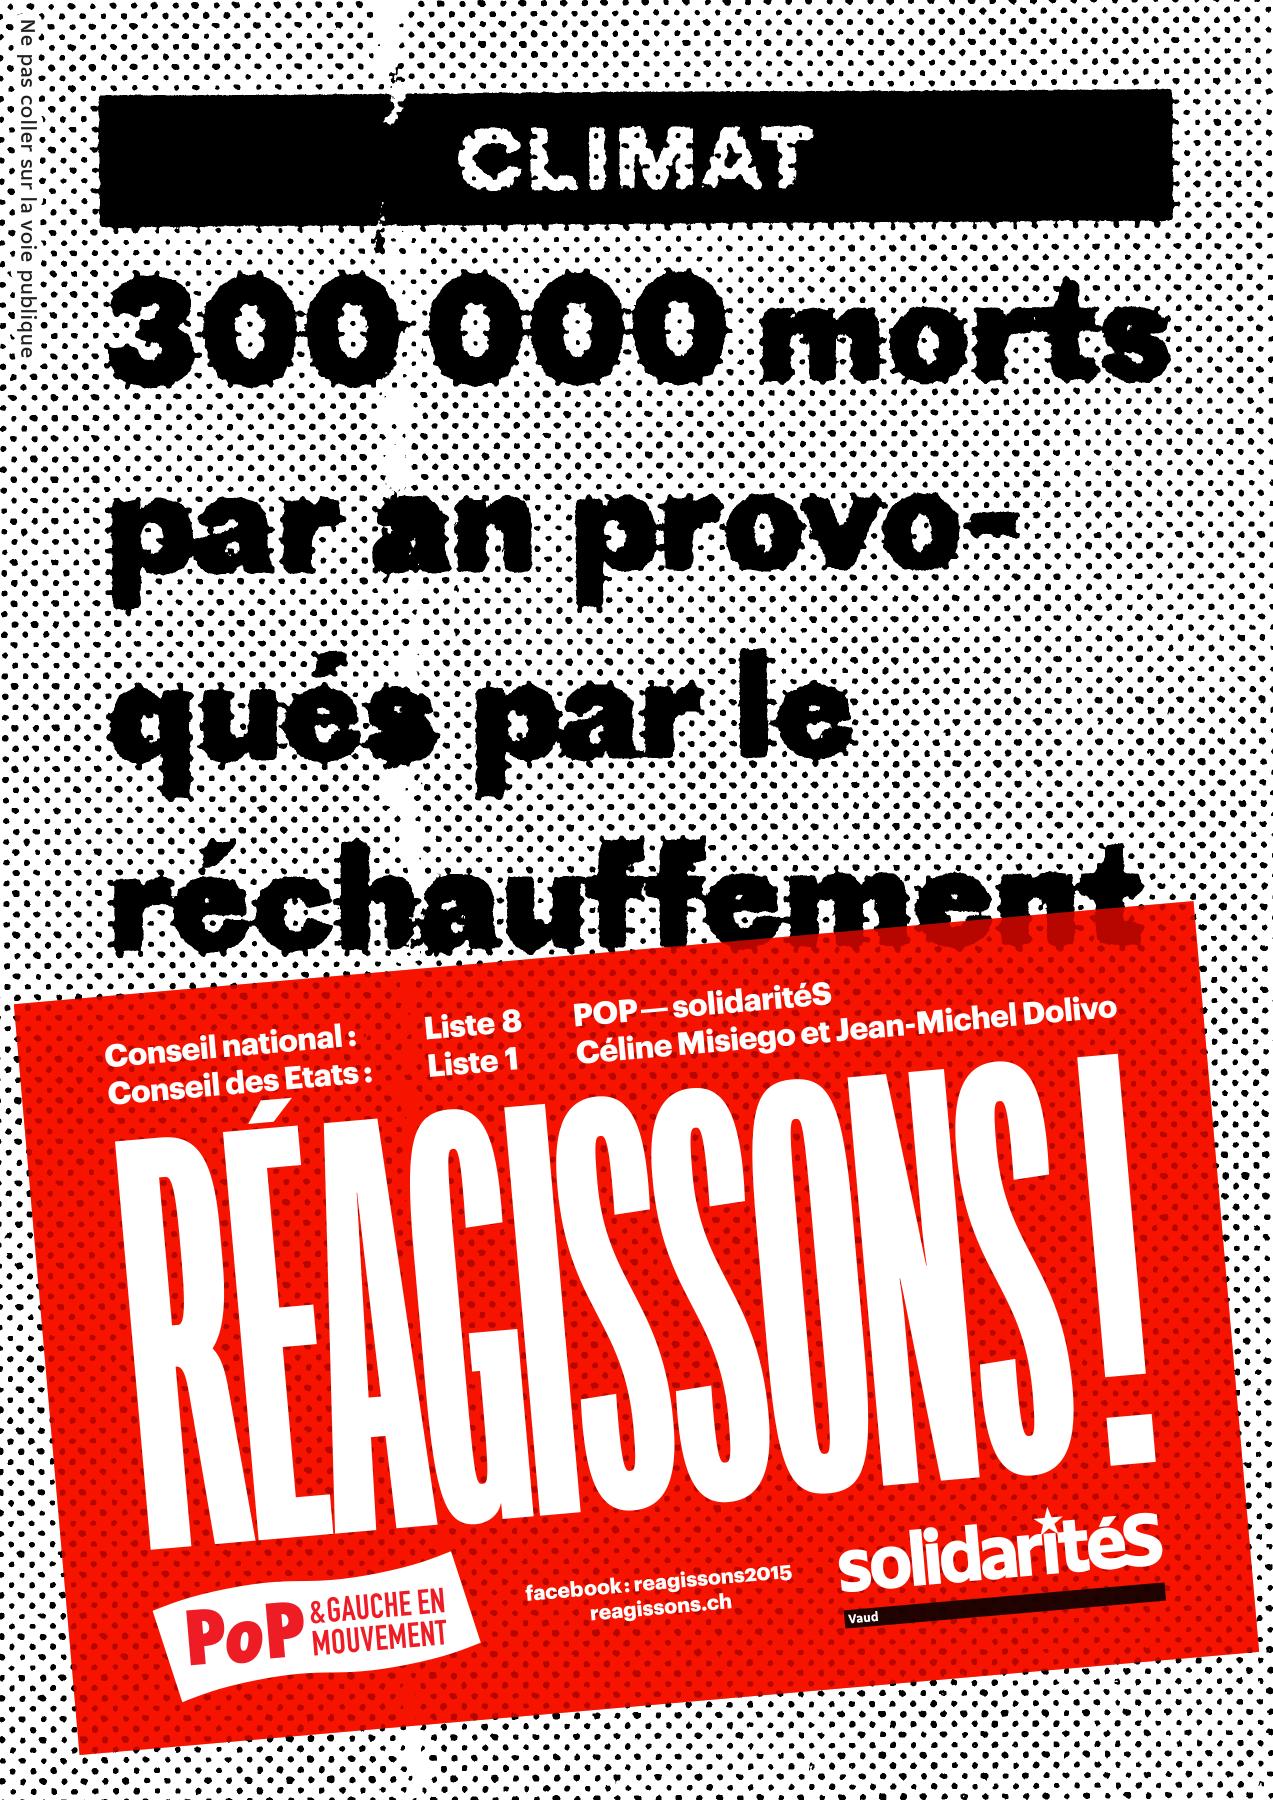 Autocollant de la campagne électorale POP–solidaritéS Vaud pour les élections fédérales 2015